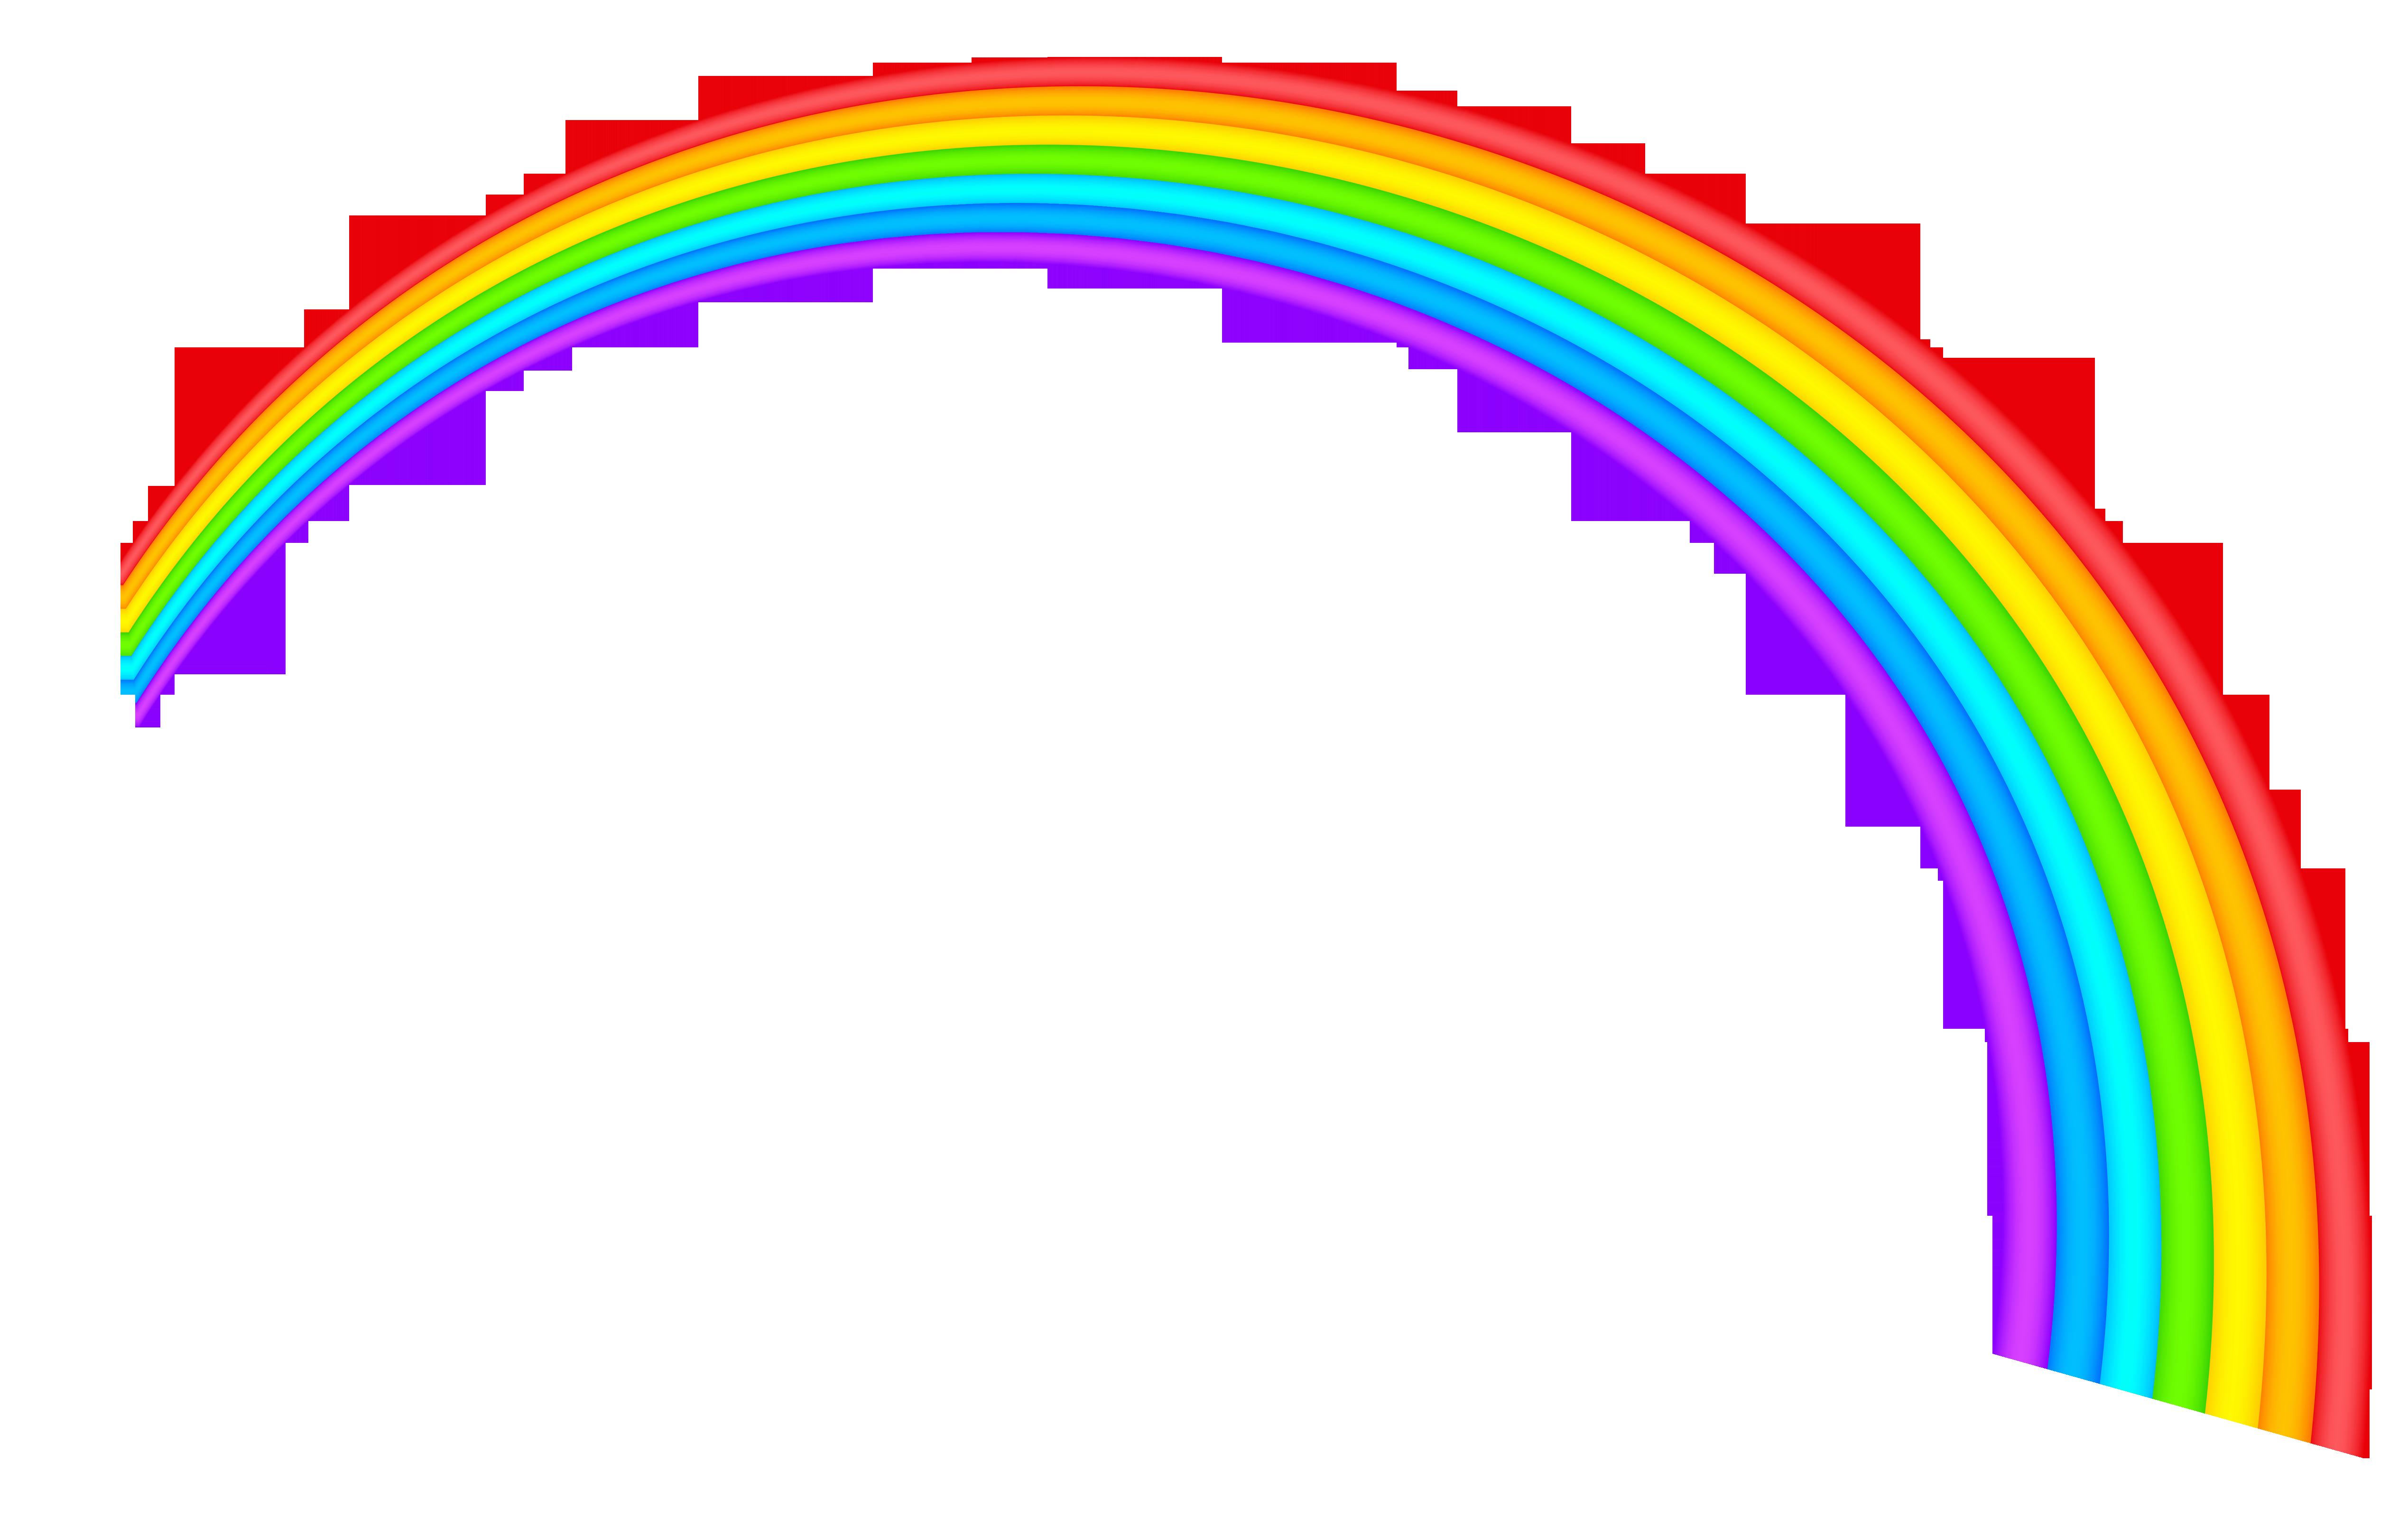 5076x3239 Half Rainbow Clipart